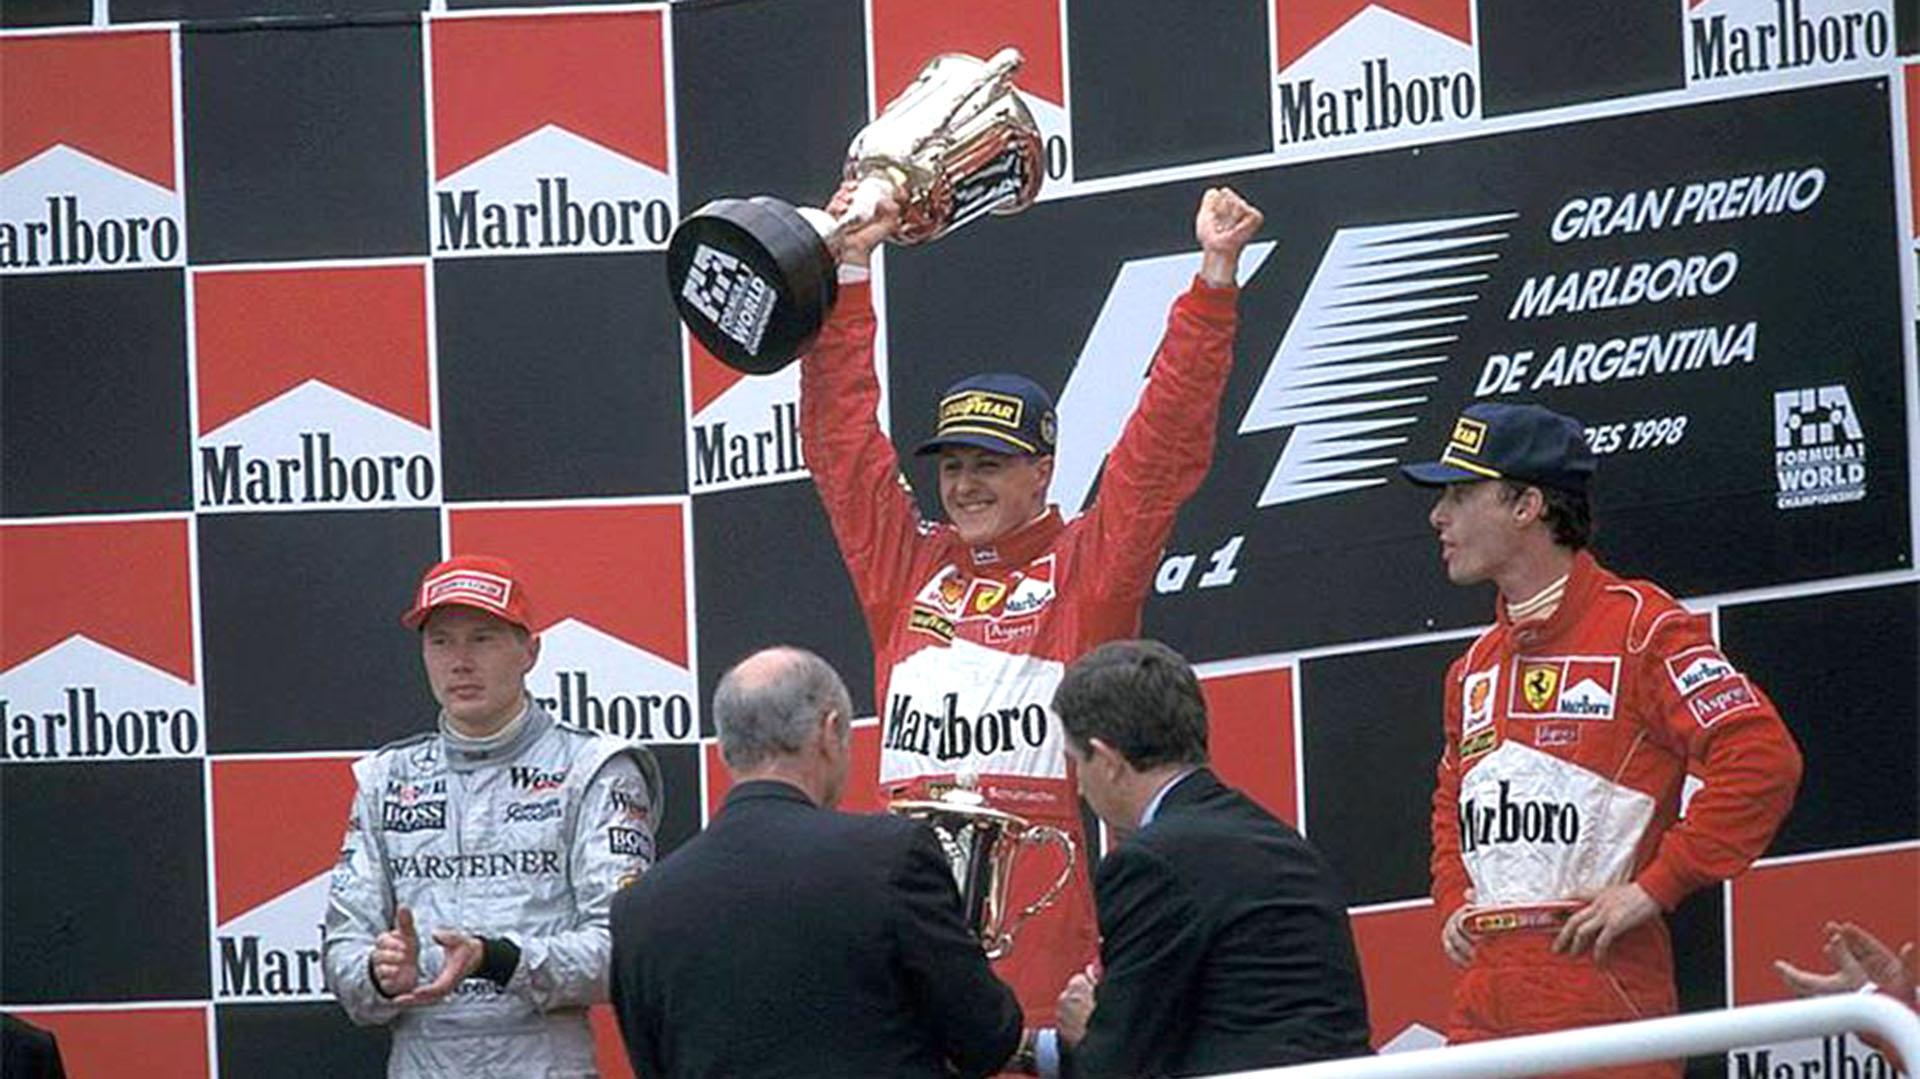 En 1998 se corrió por última vez en el autódromo de Buenos Aires. El ganador fue Michael Schumacher